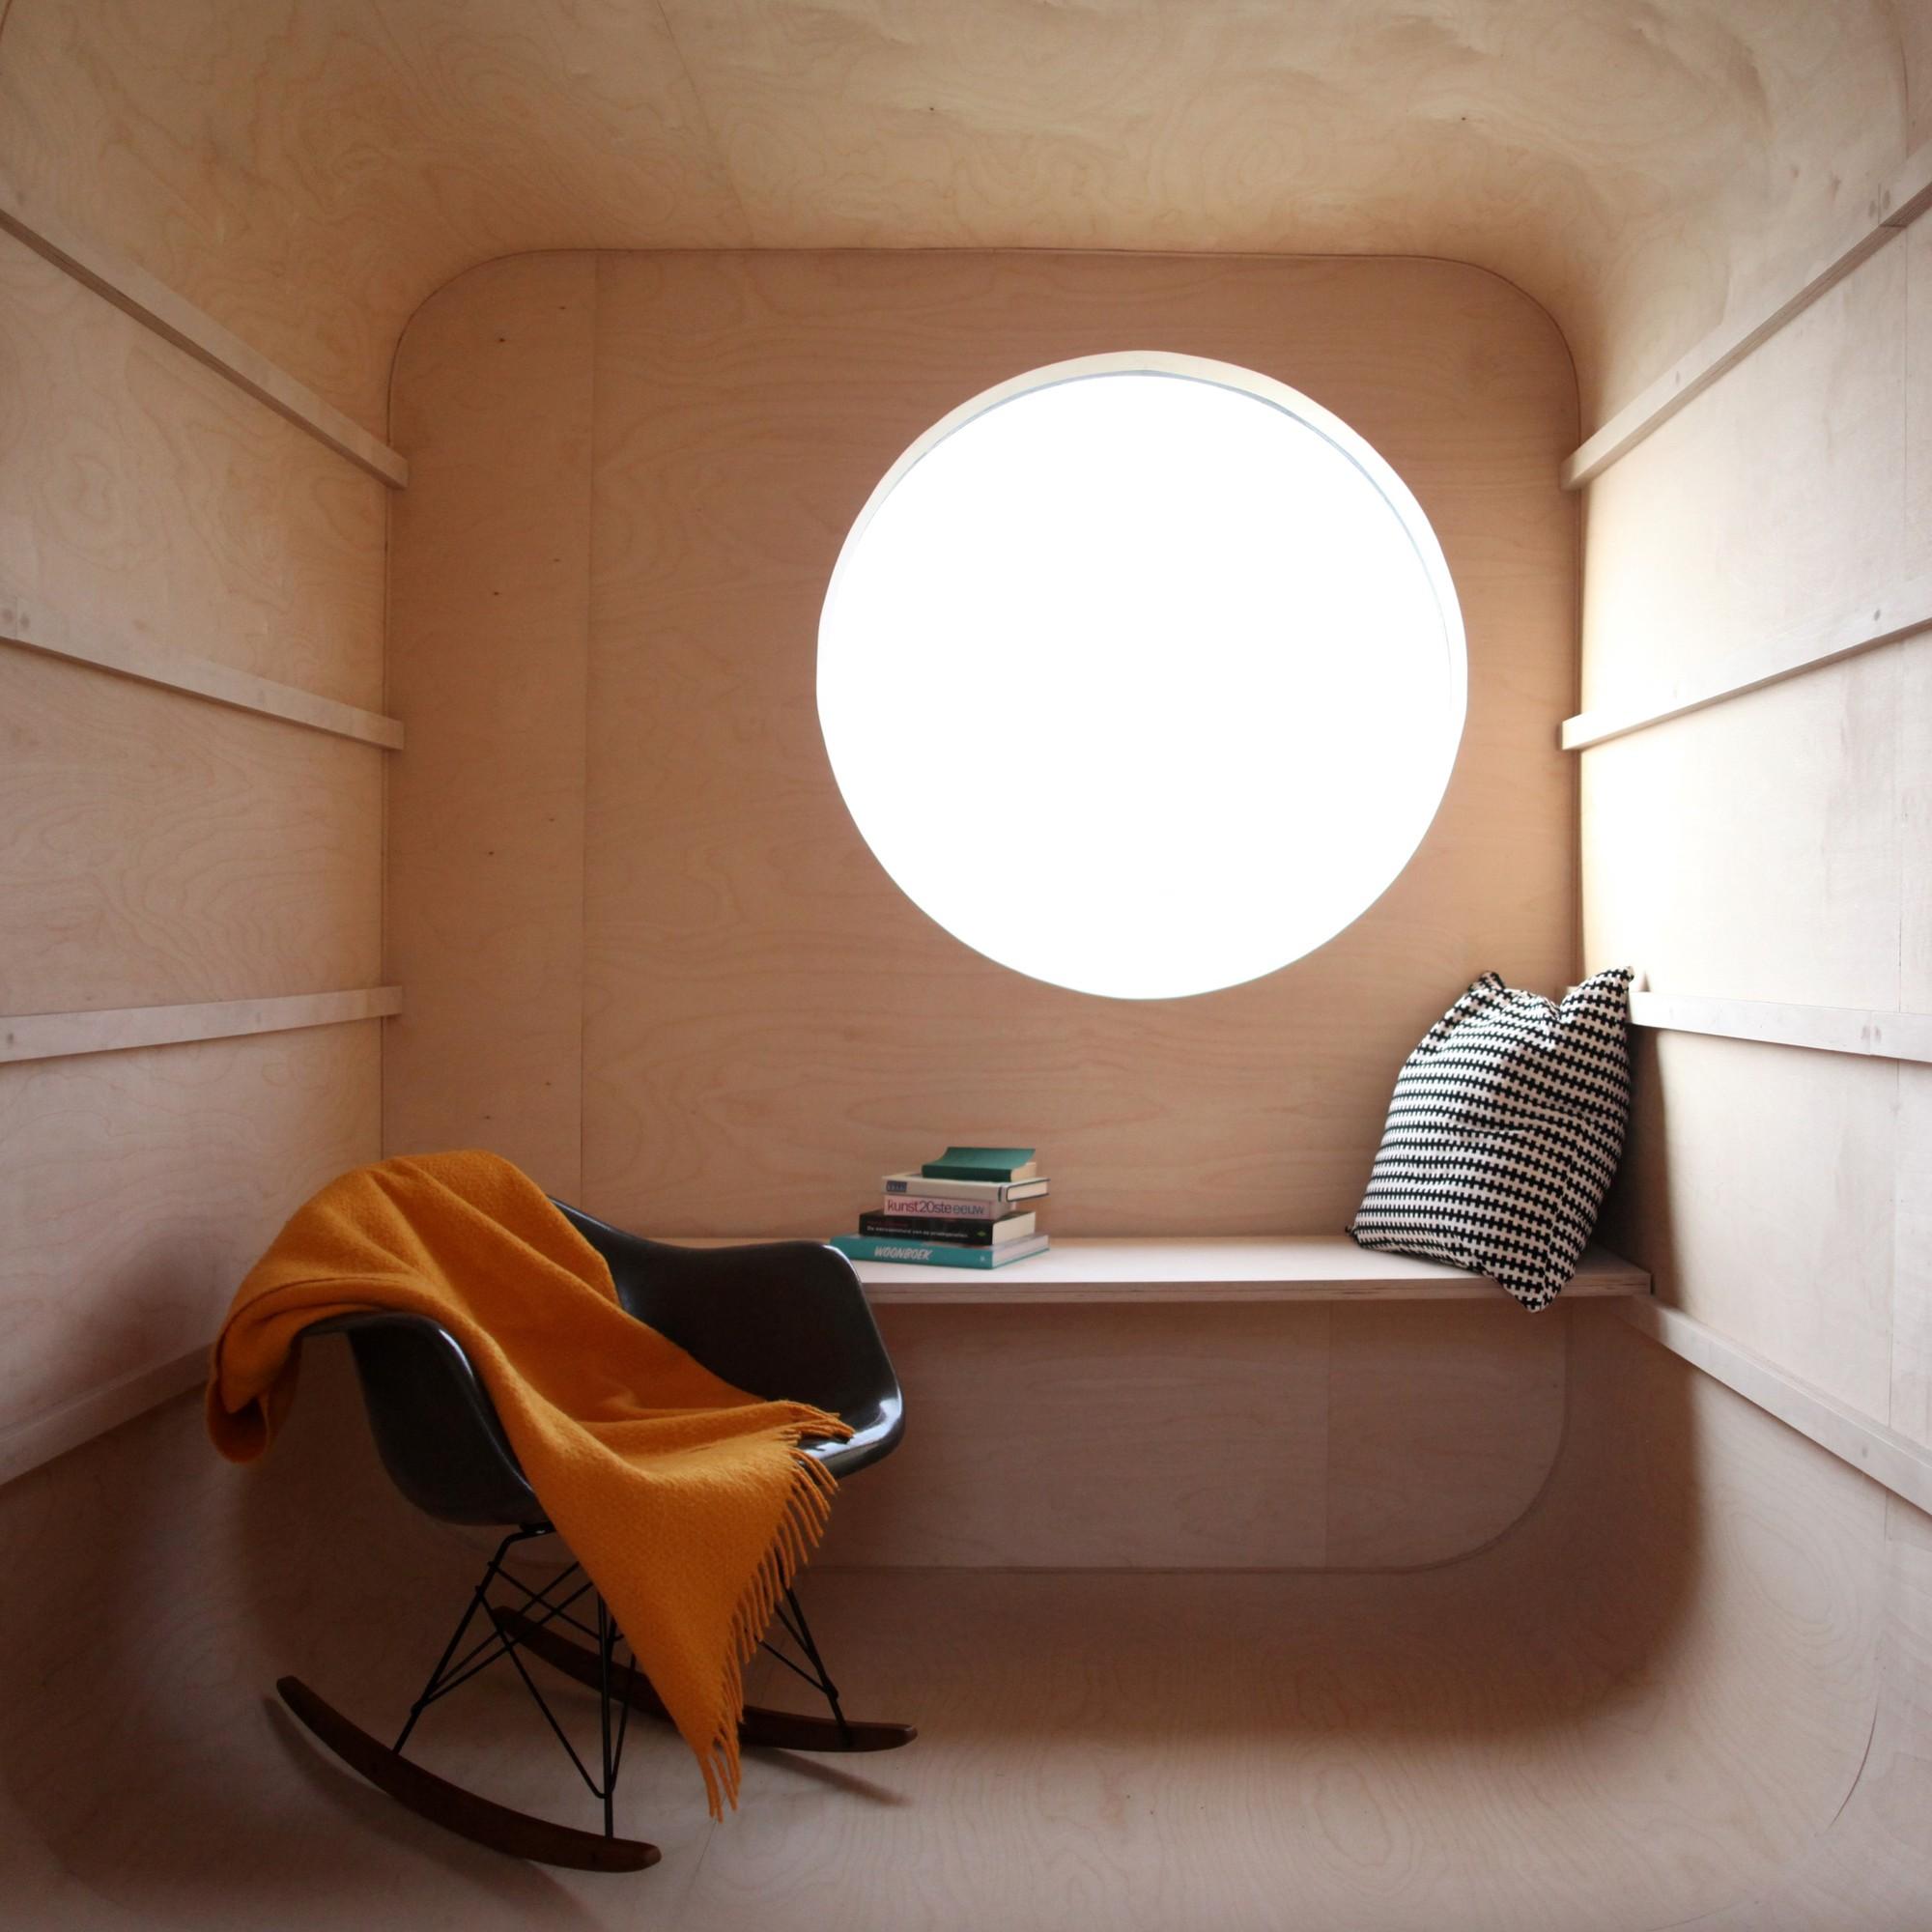 Construction Trailer Transformed Into Small Dwelling / Karel Verstraeten, Courtesy of Karel Verstraeten